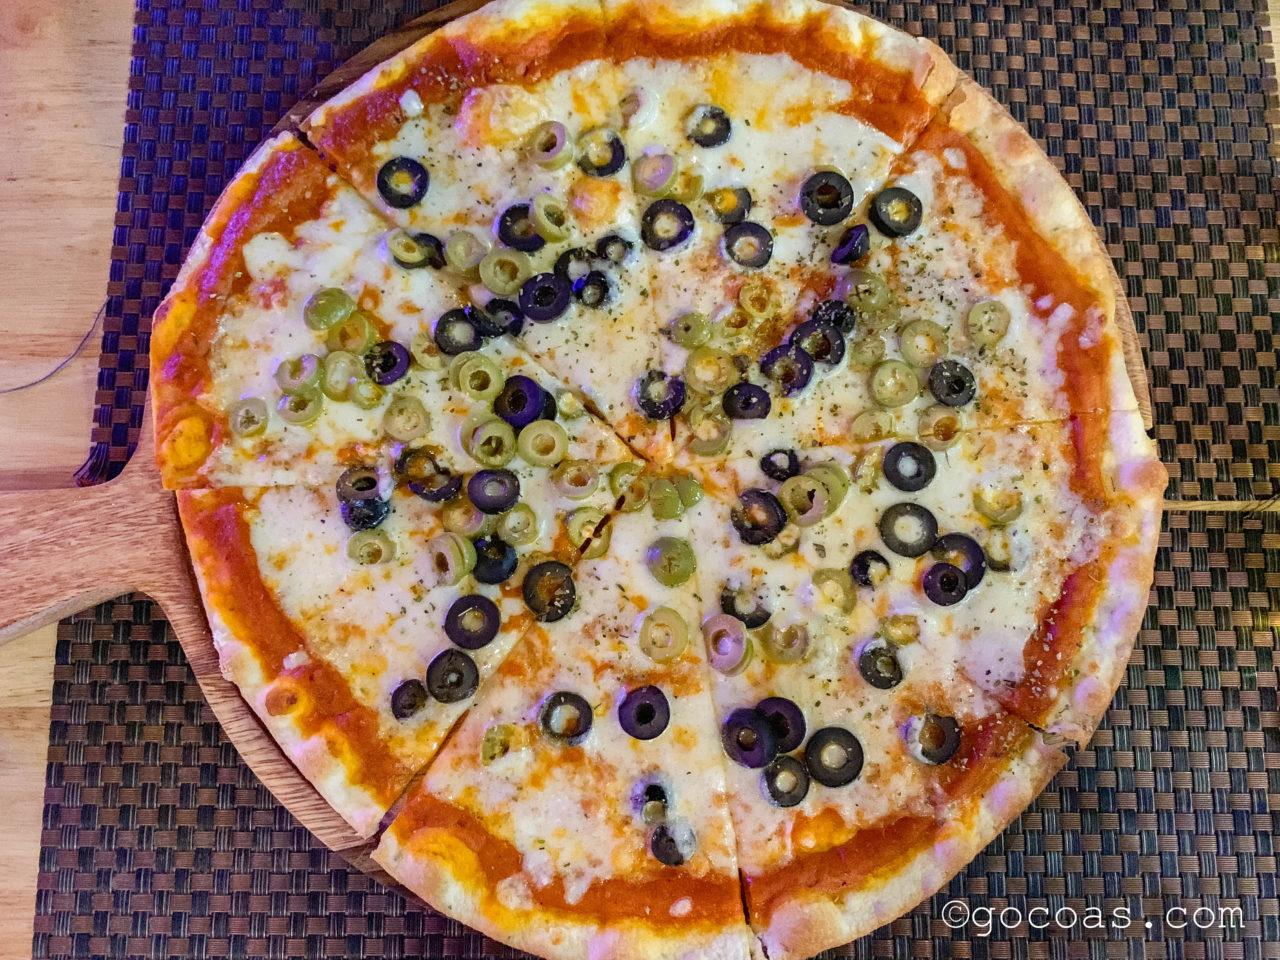 カオサン アート ホテル1階のレストランて食べたオリーブが乗っているピザ